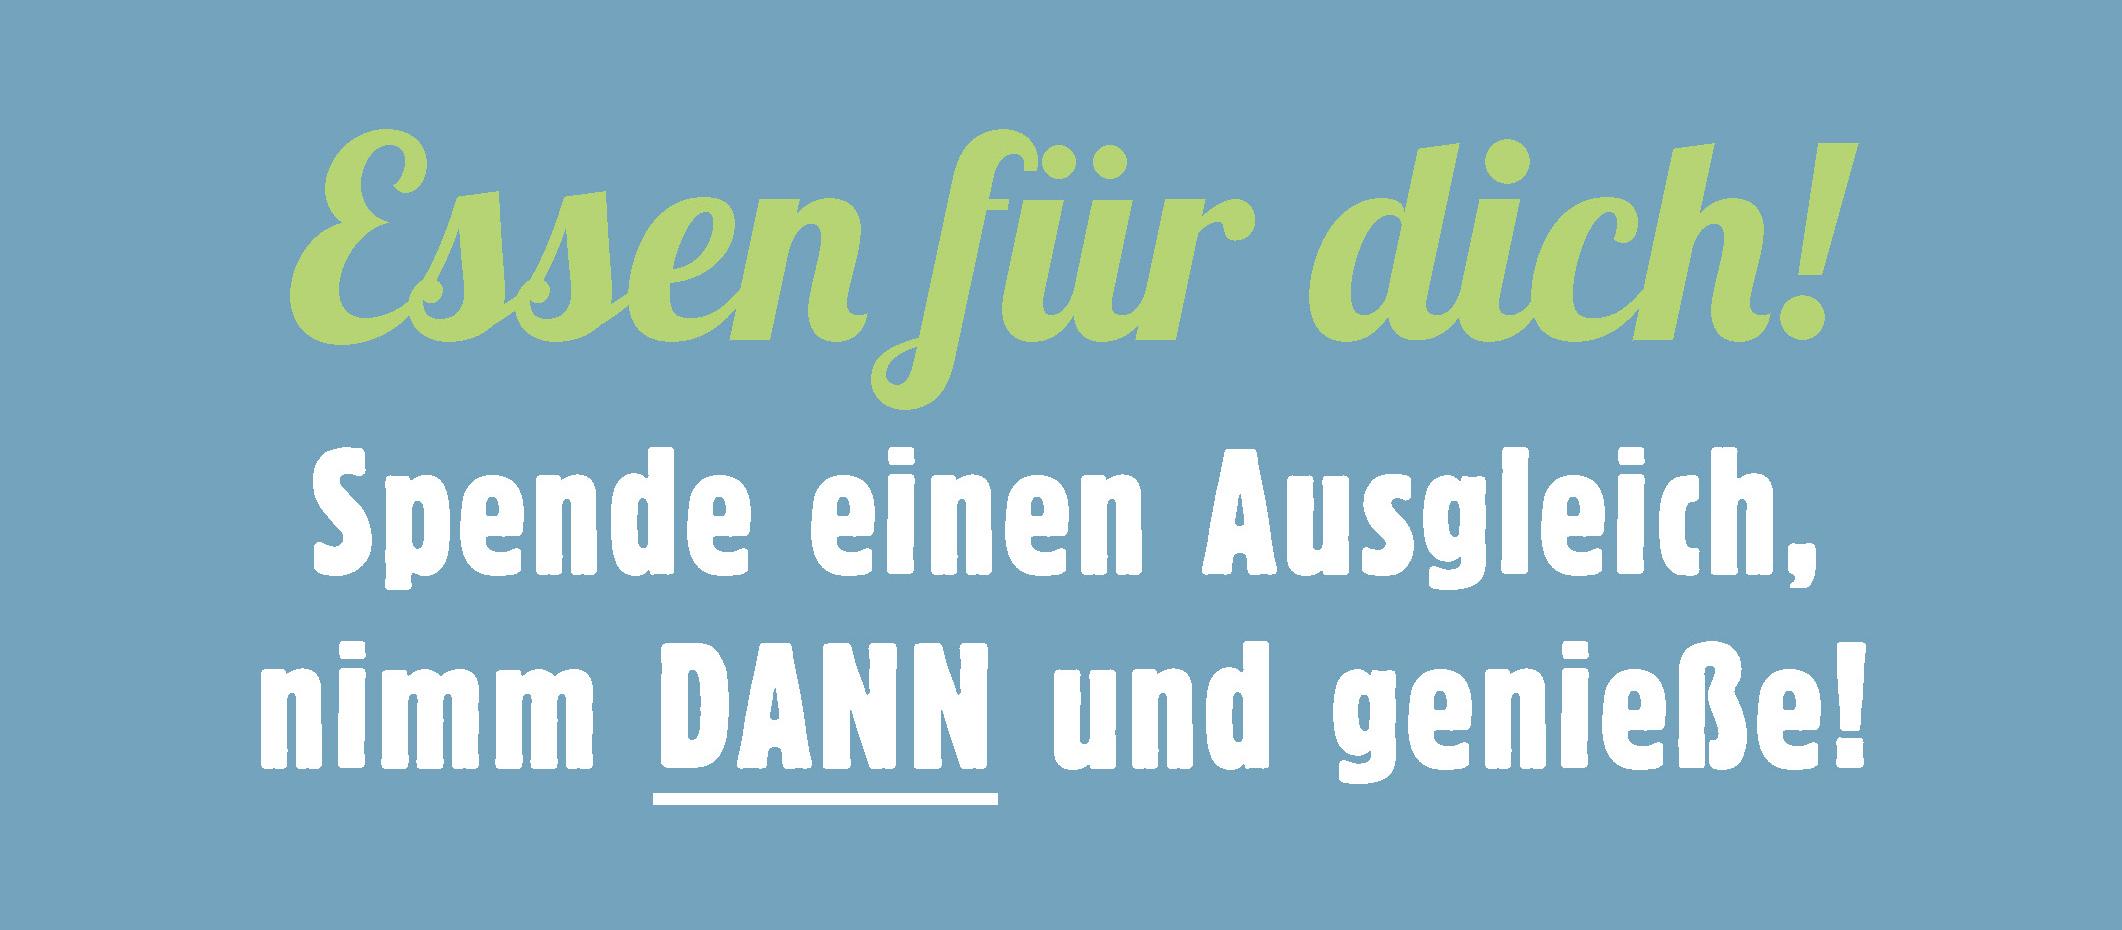 Essen_01.jpg